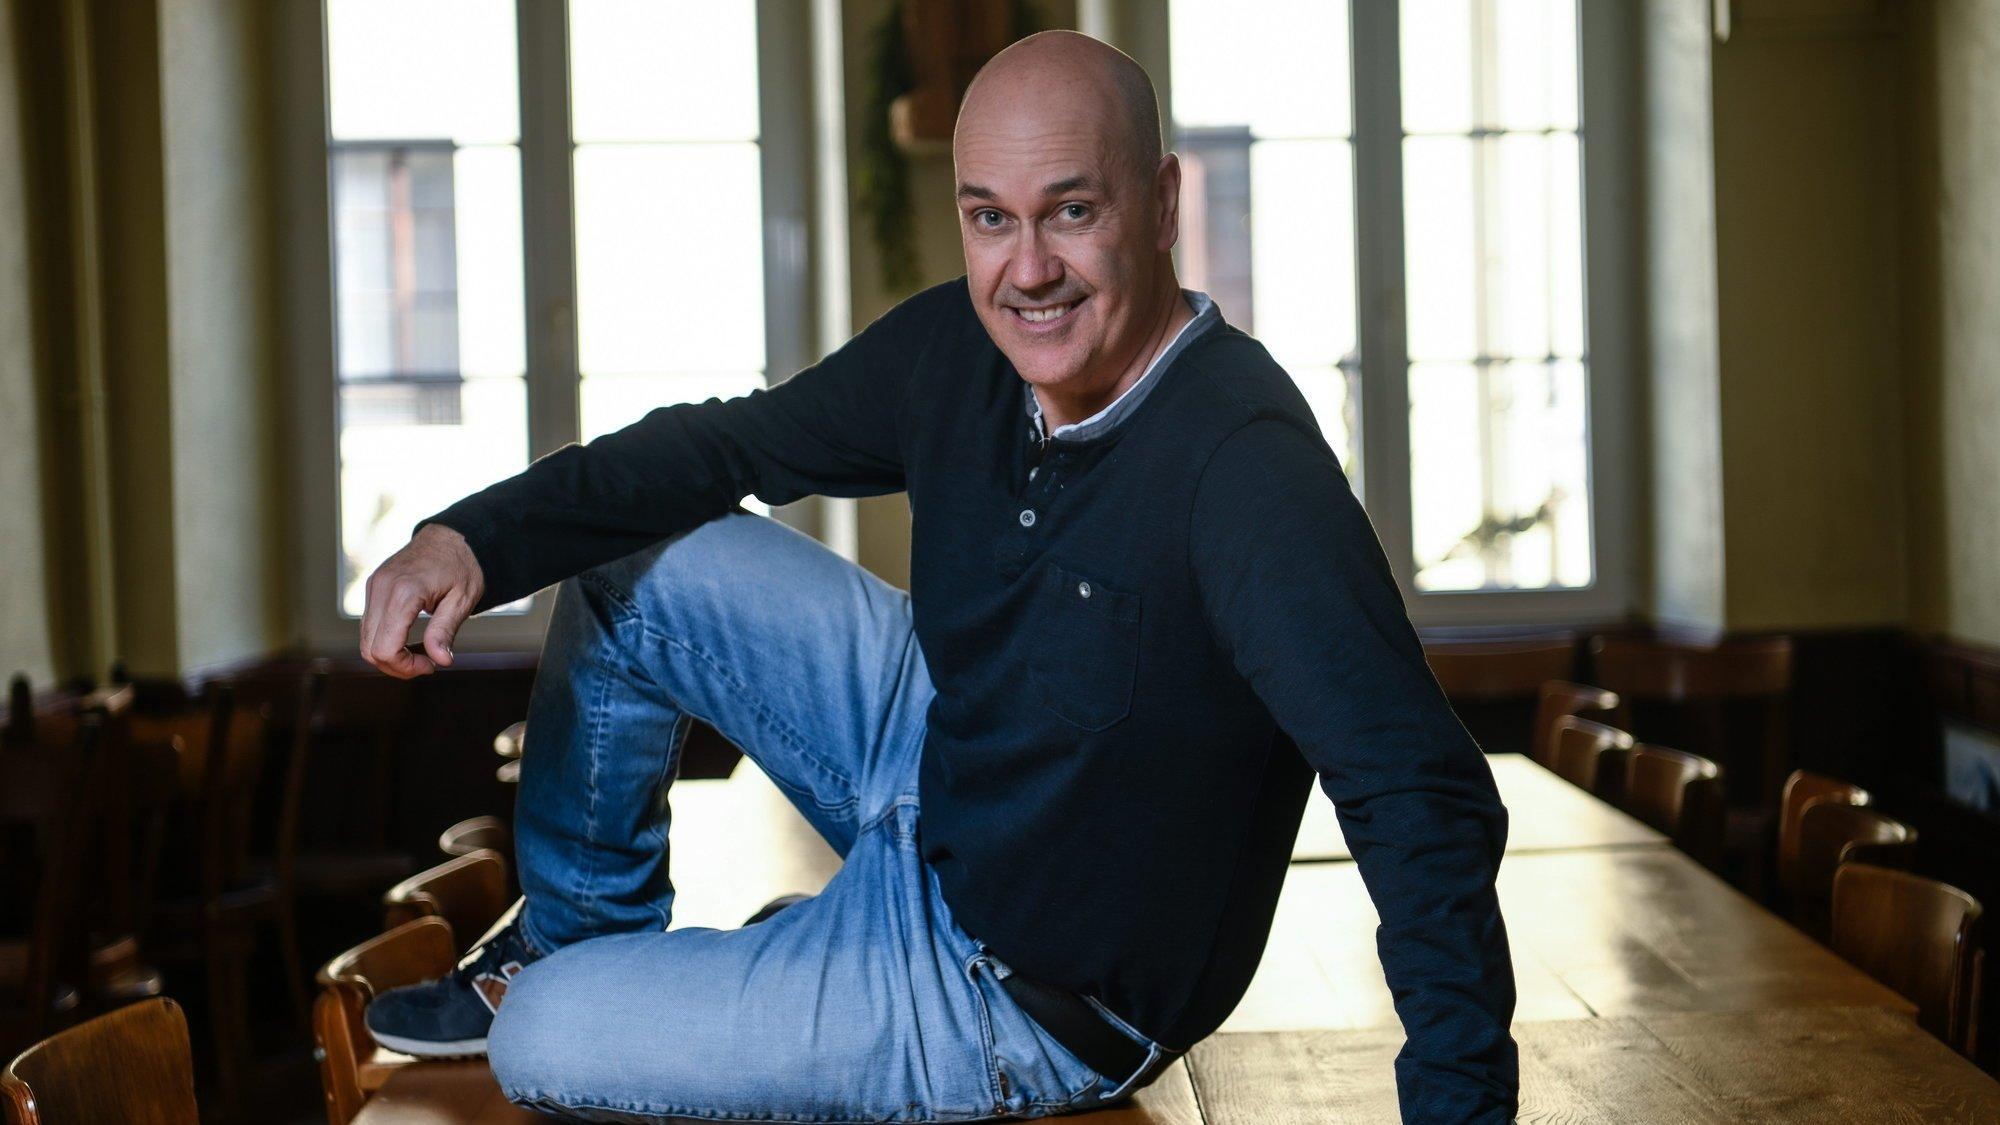 Portrait de Gary Sheehan, entraineur du HC Ajoie.  Porrentruy, le 20 fevrier 2020 Photo: Christian Galley